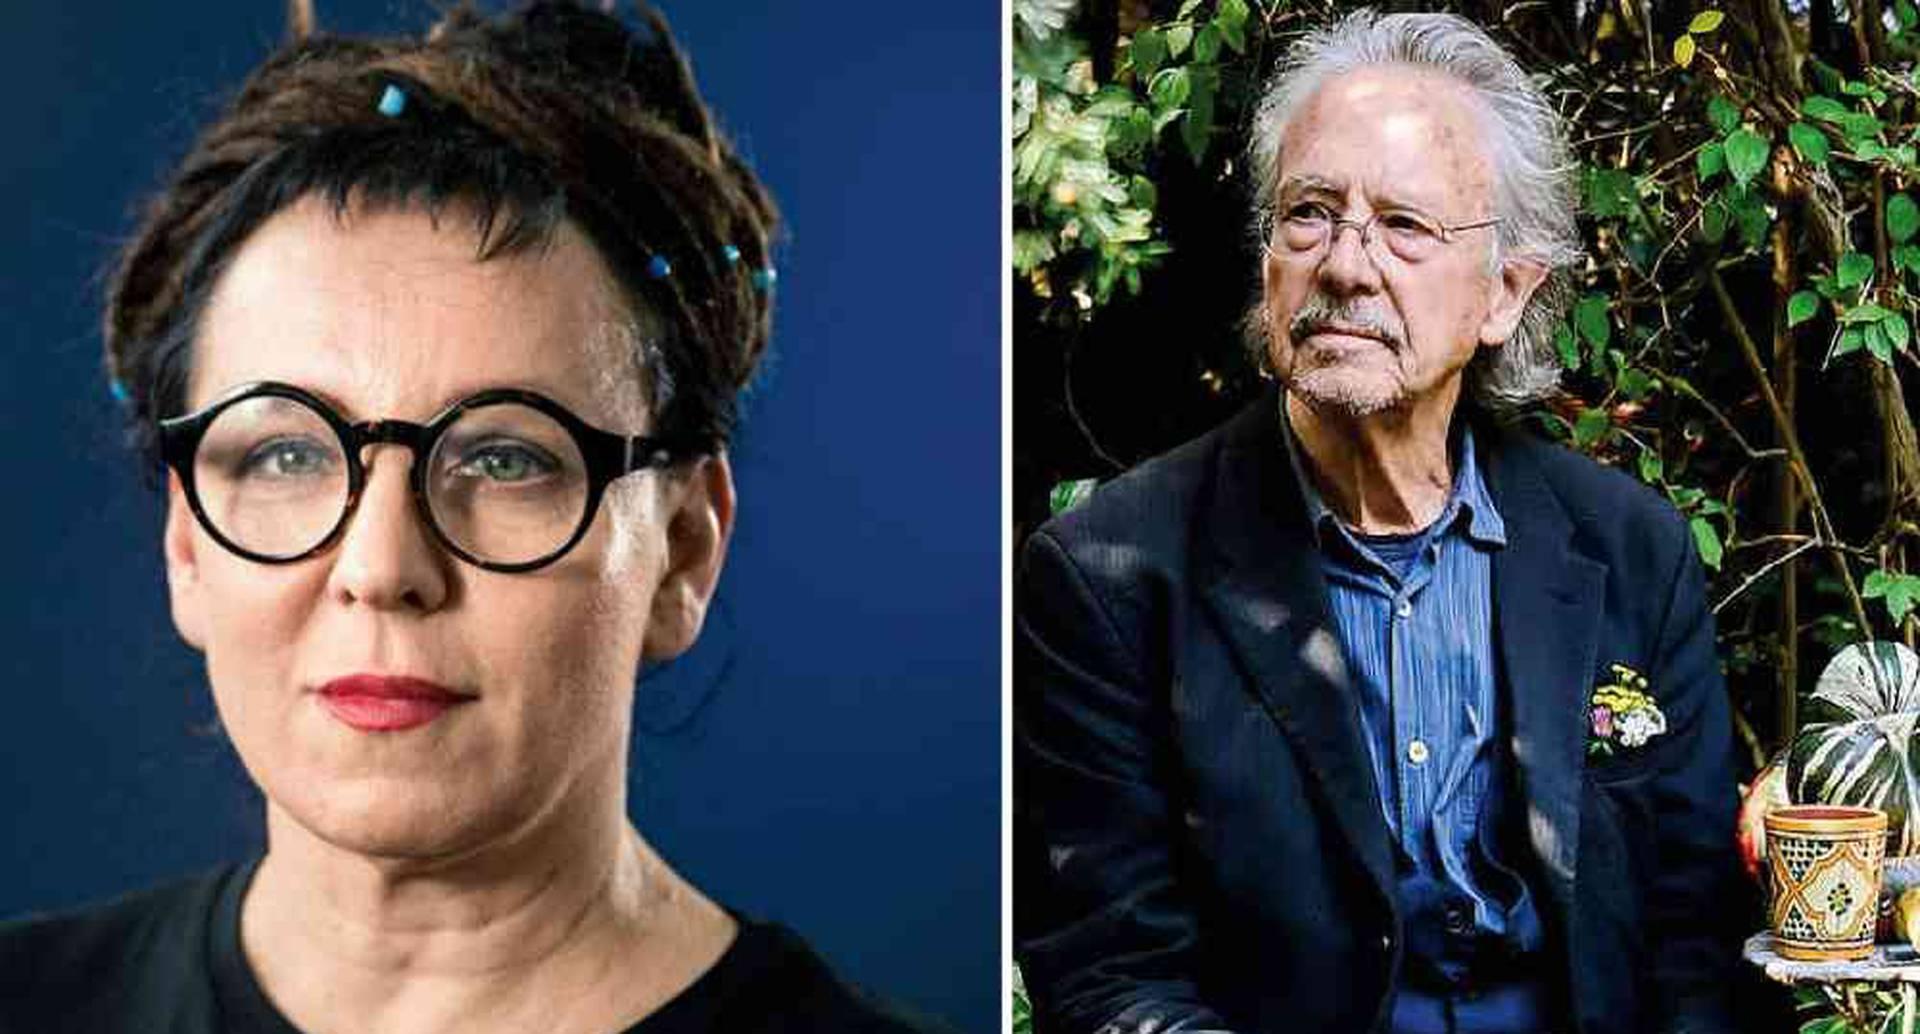 Olga Tokarczuk, premio nobel de literatura 2018 y ?Peter Handke, premio nobel de literatura 2019.